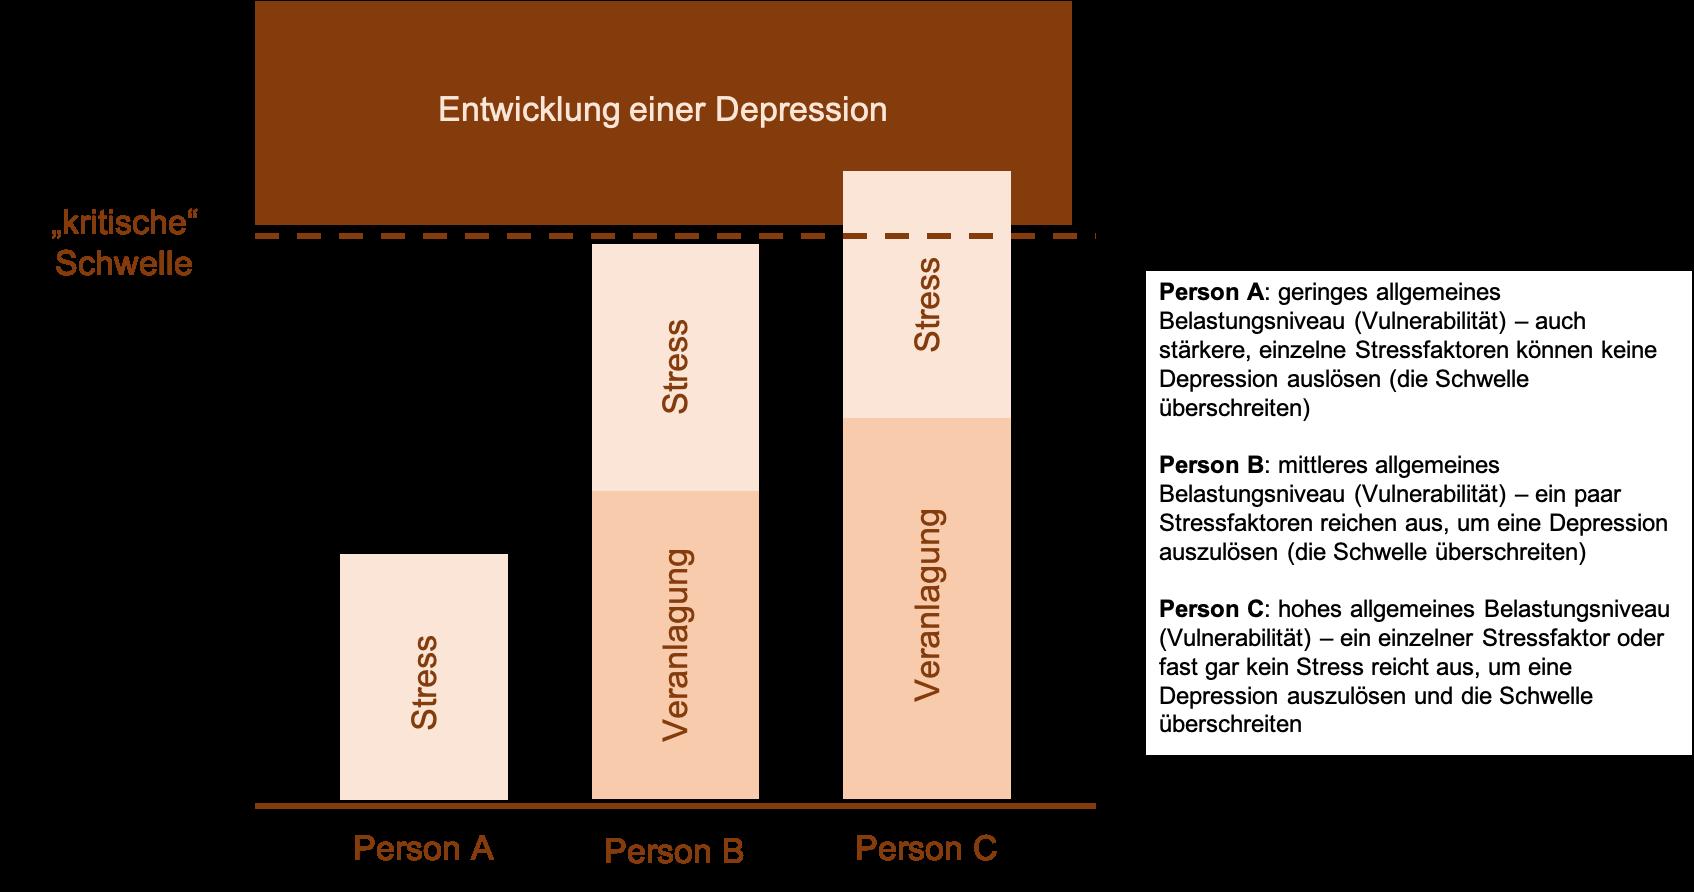 Woher kommt eine Depression? 2